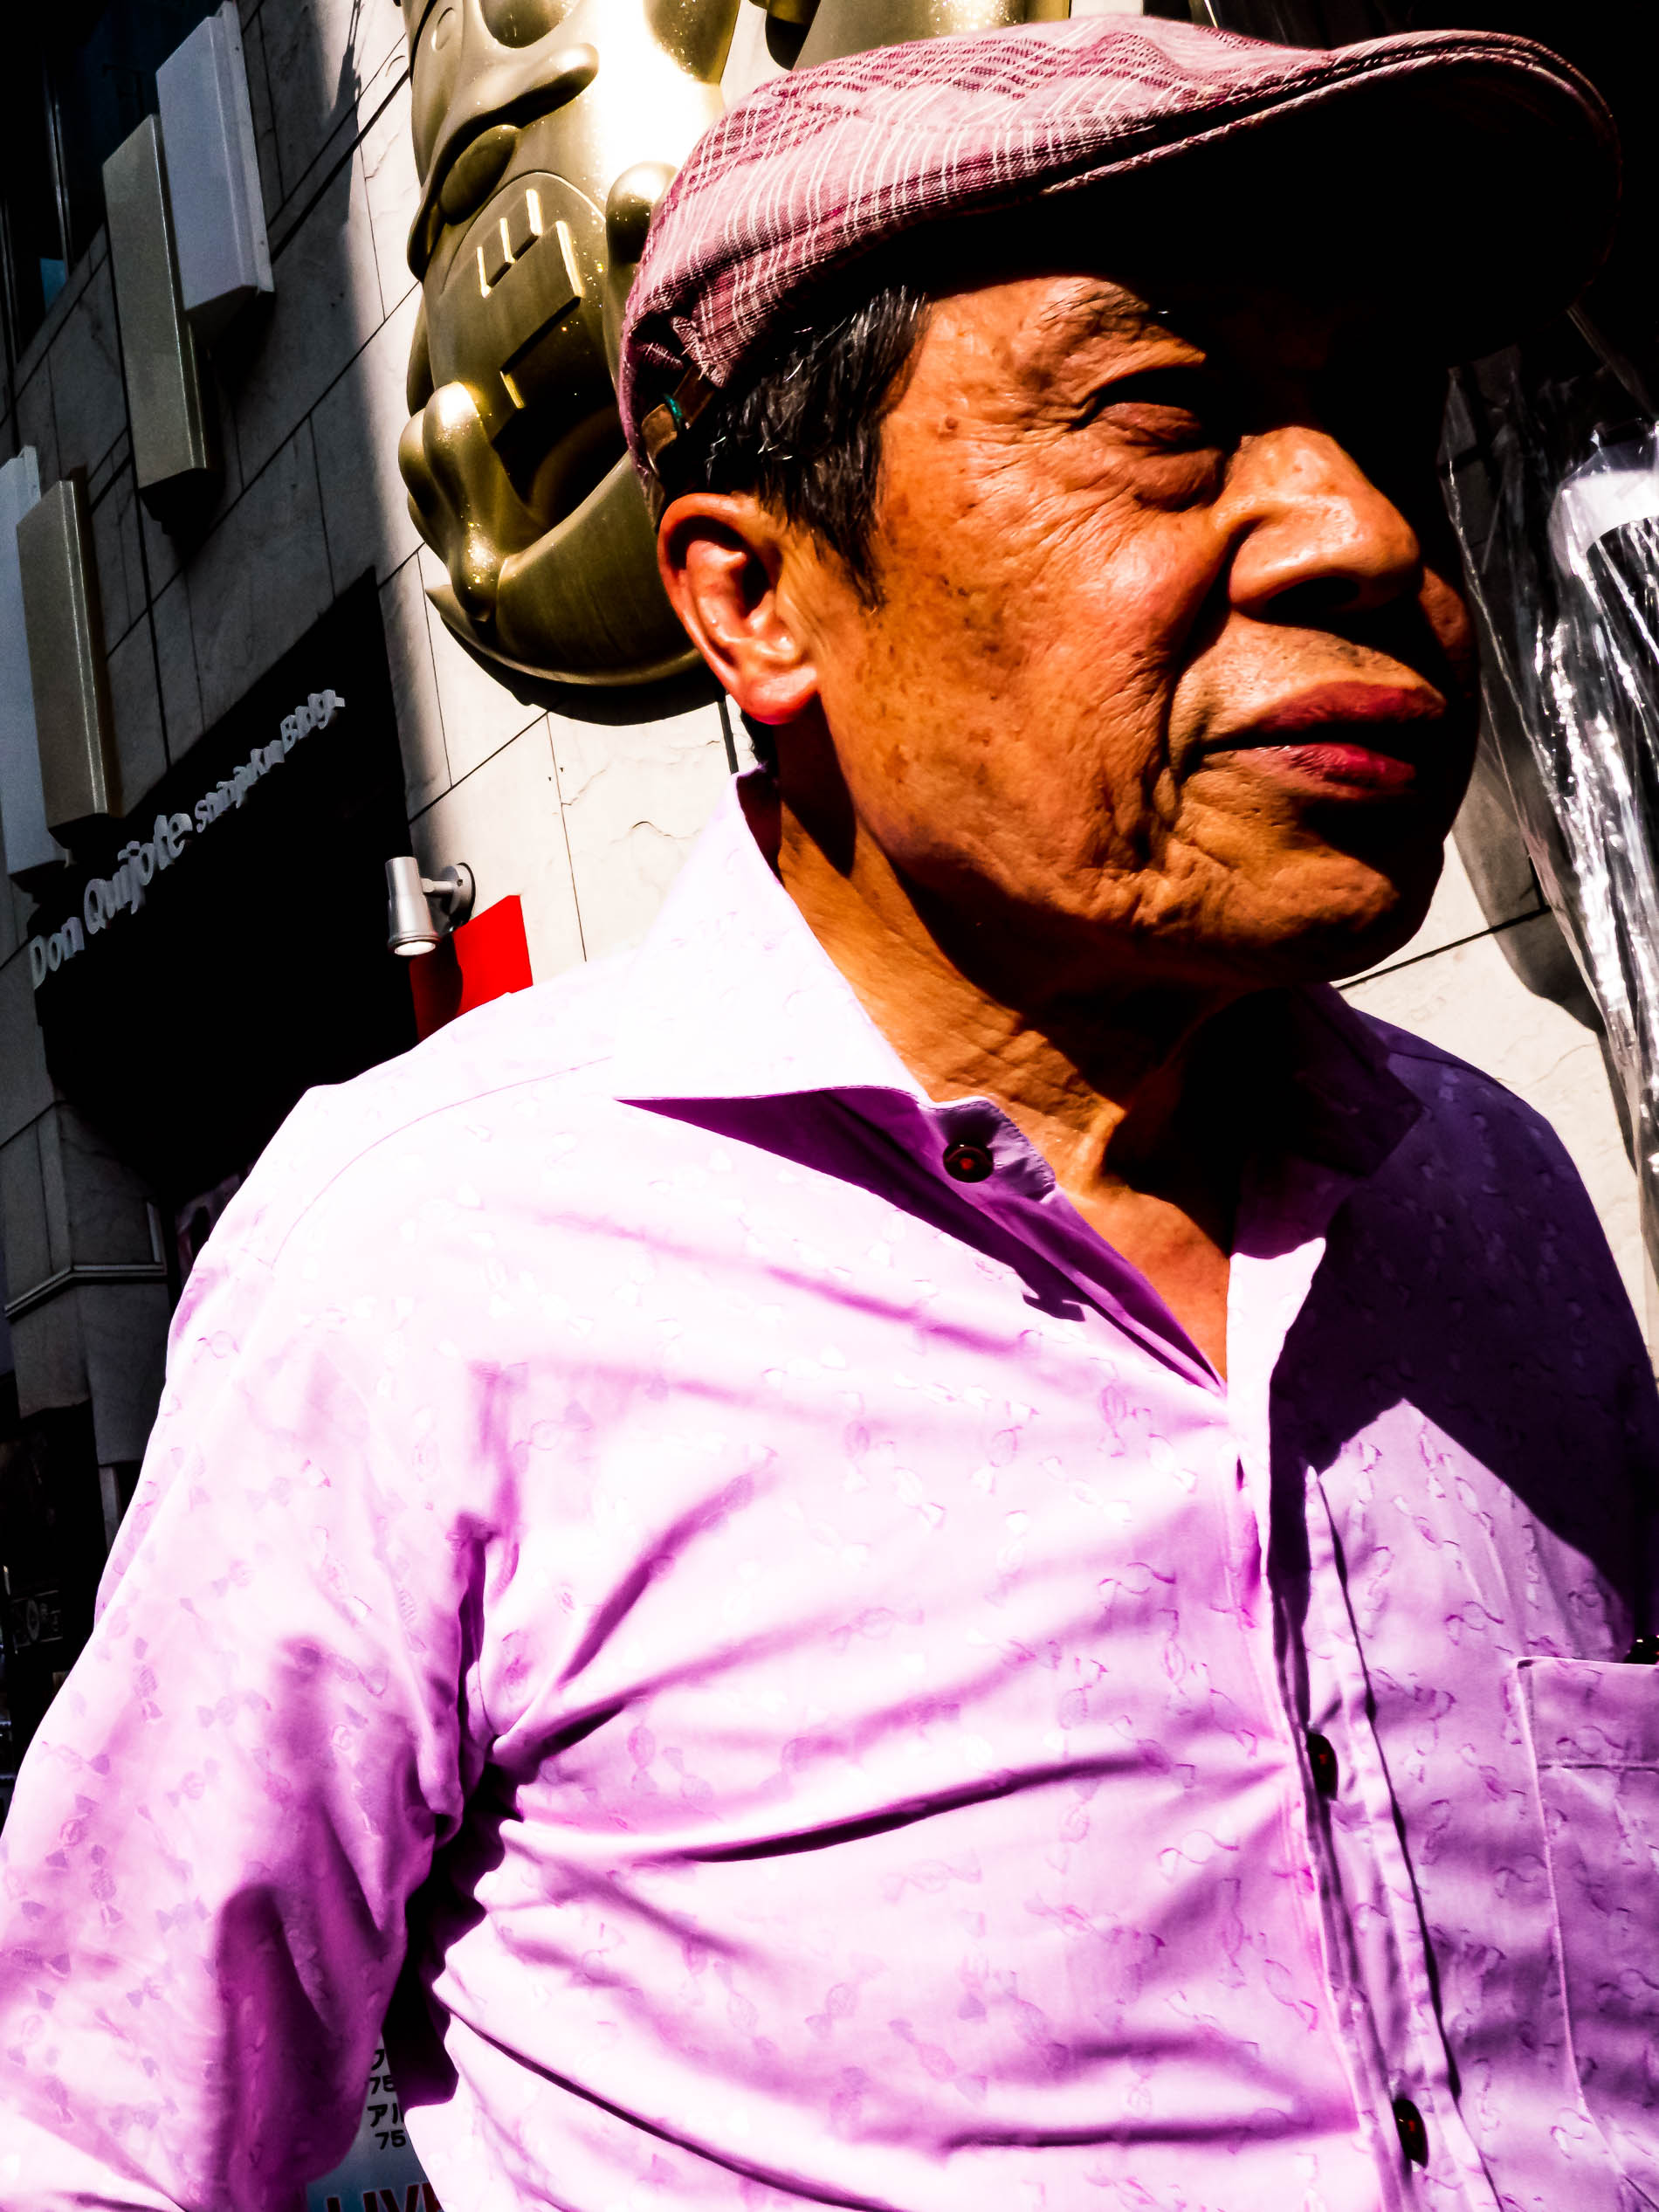 Mann mit rosa Hemd in Tokio, Japan